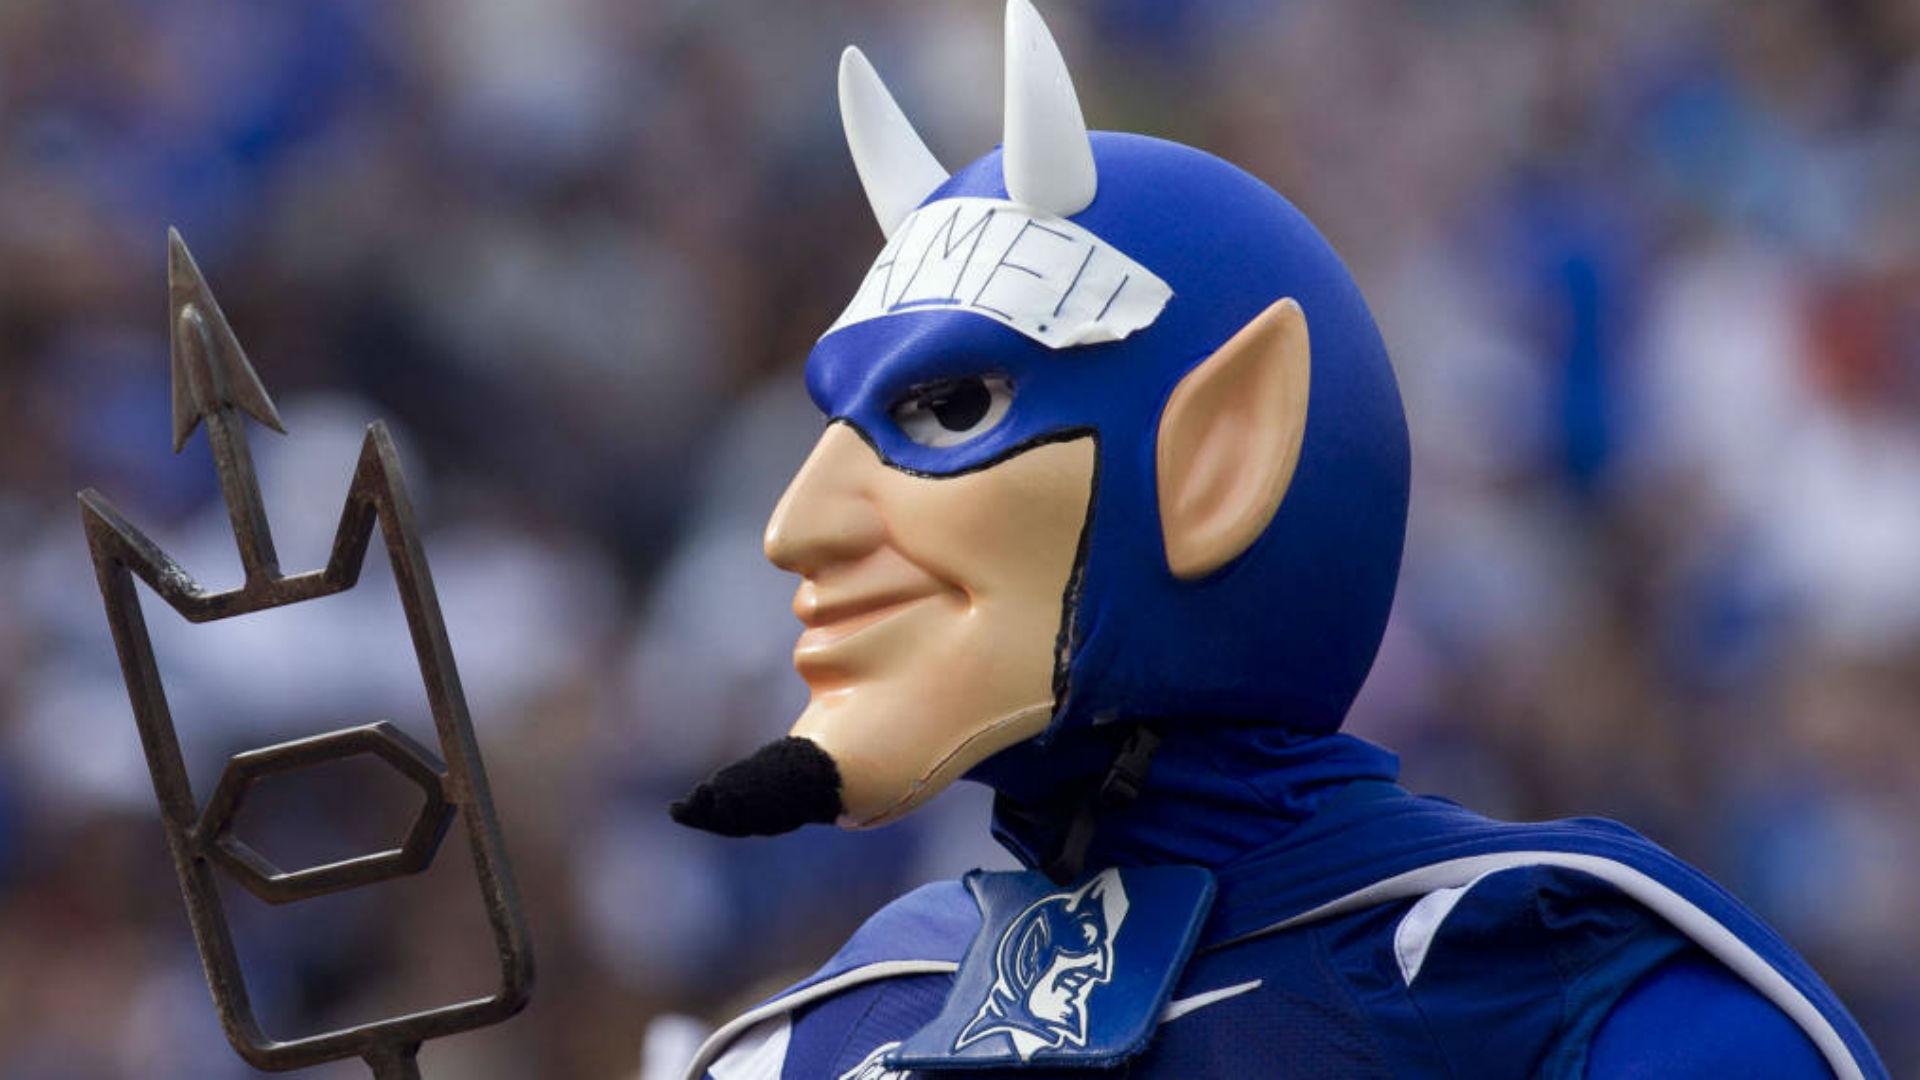 Duke-Mascot-102115-duke-ftr